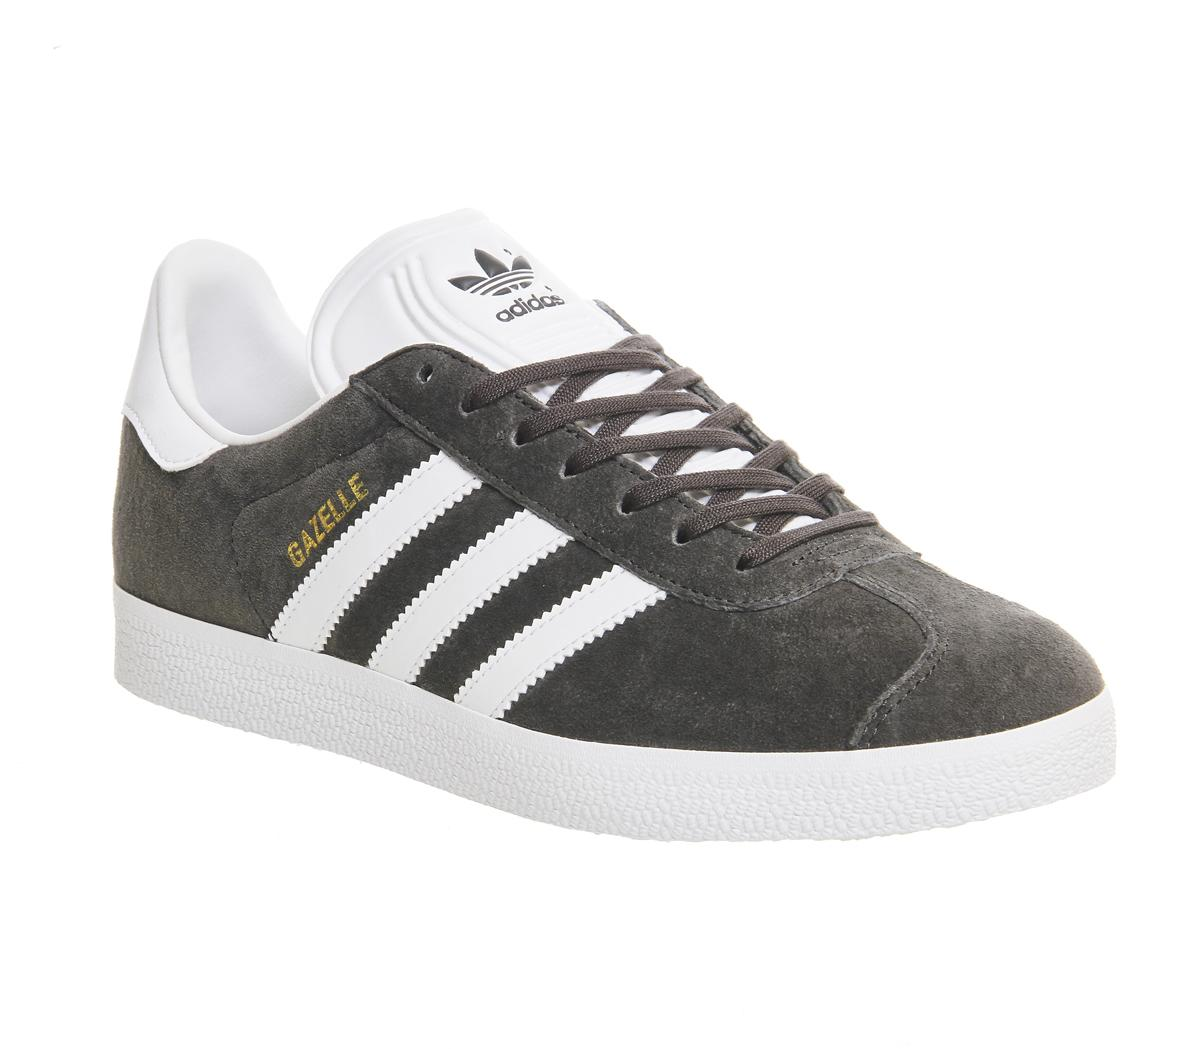 adidas Gazelle Dgh Solid Grey White